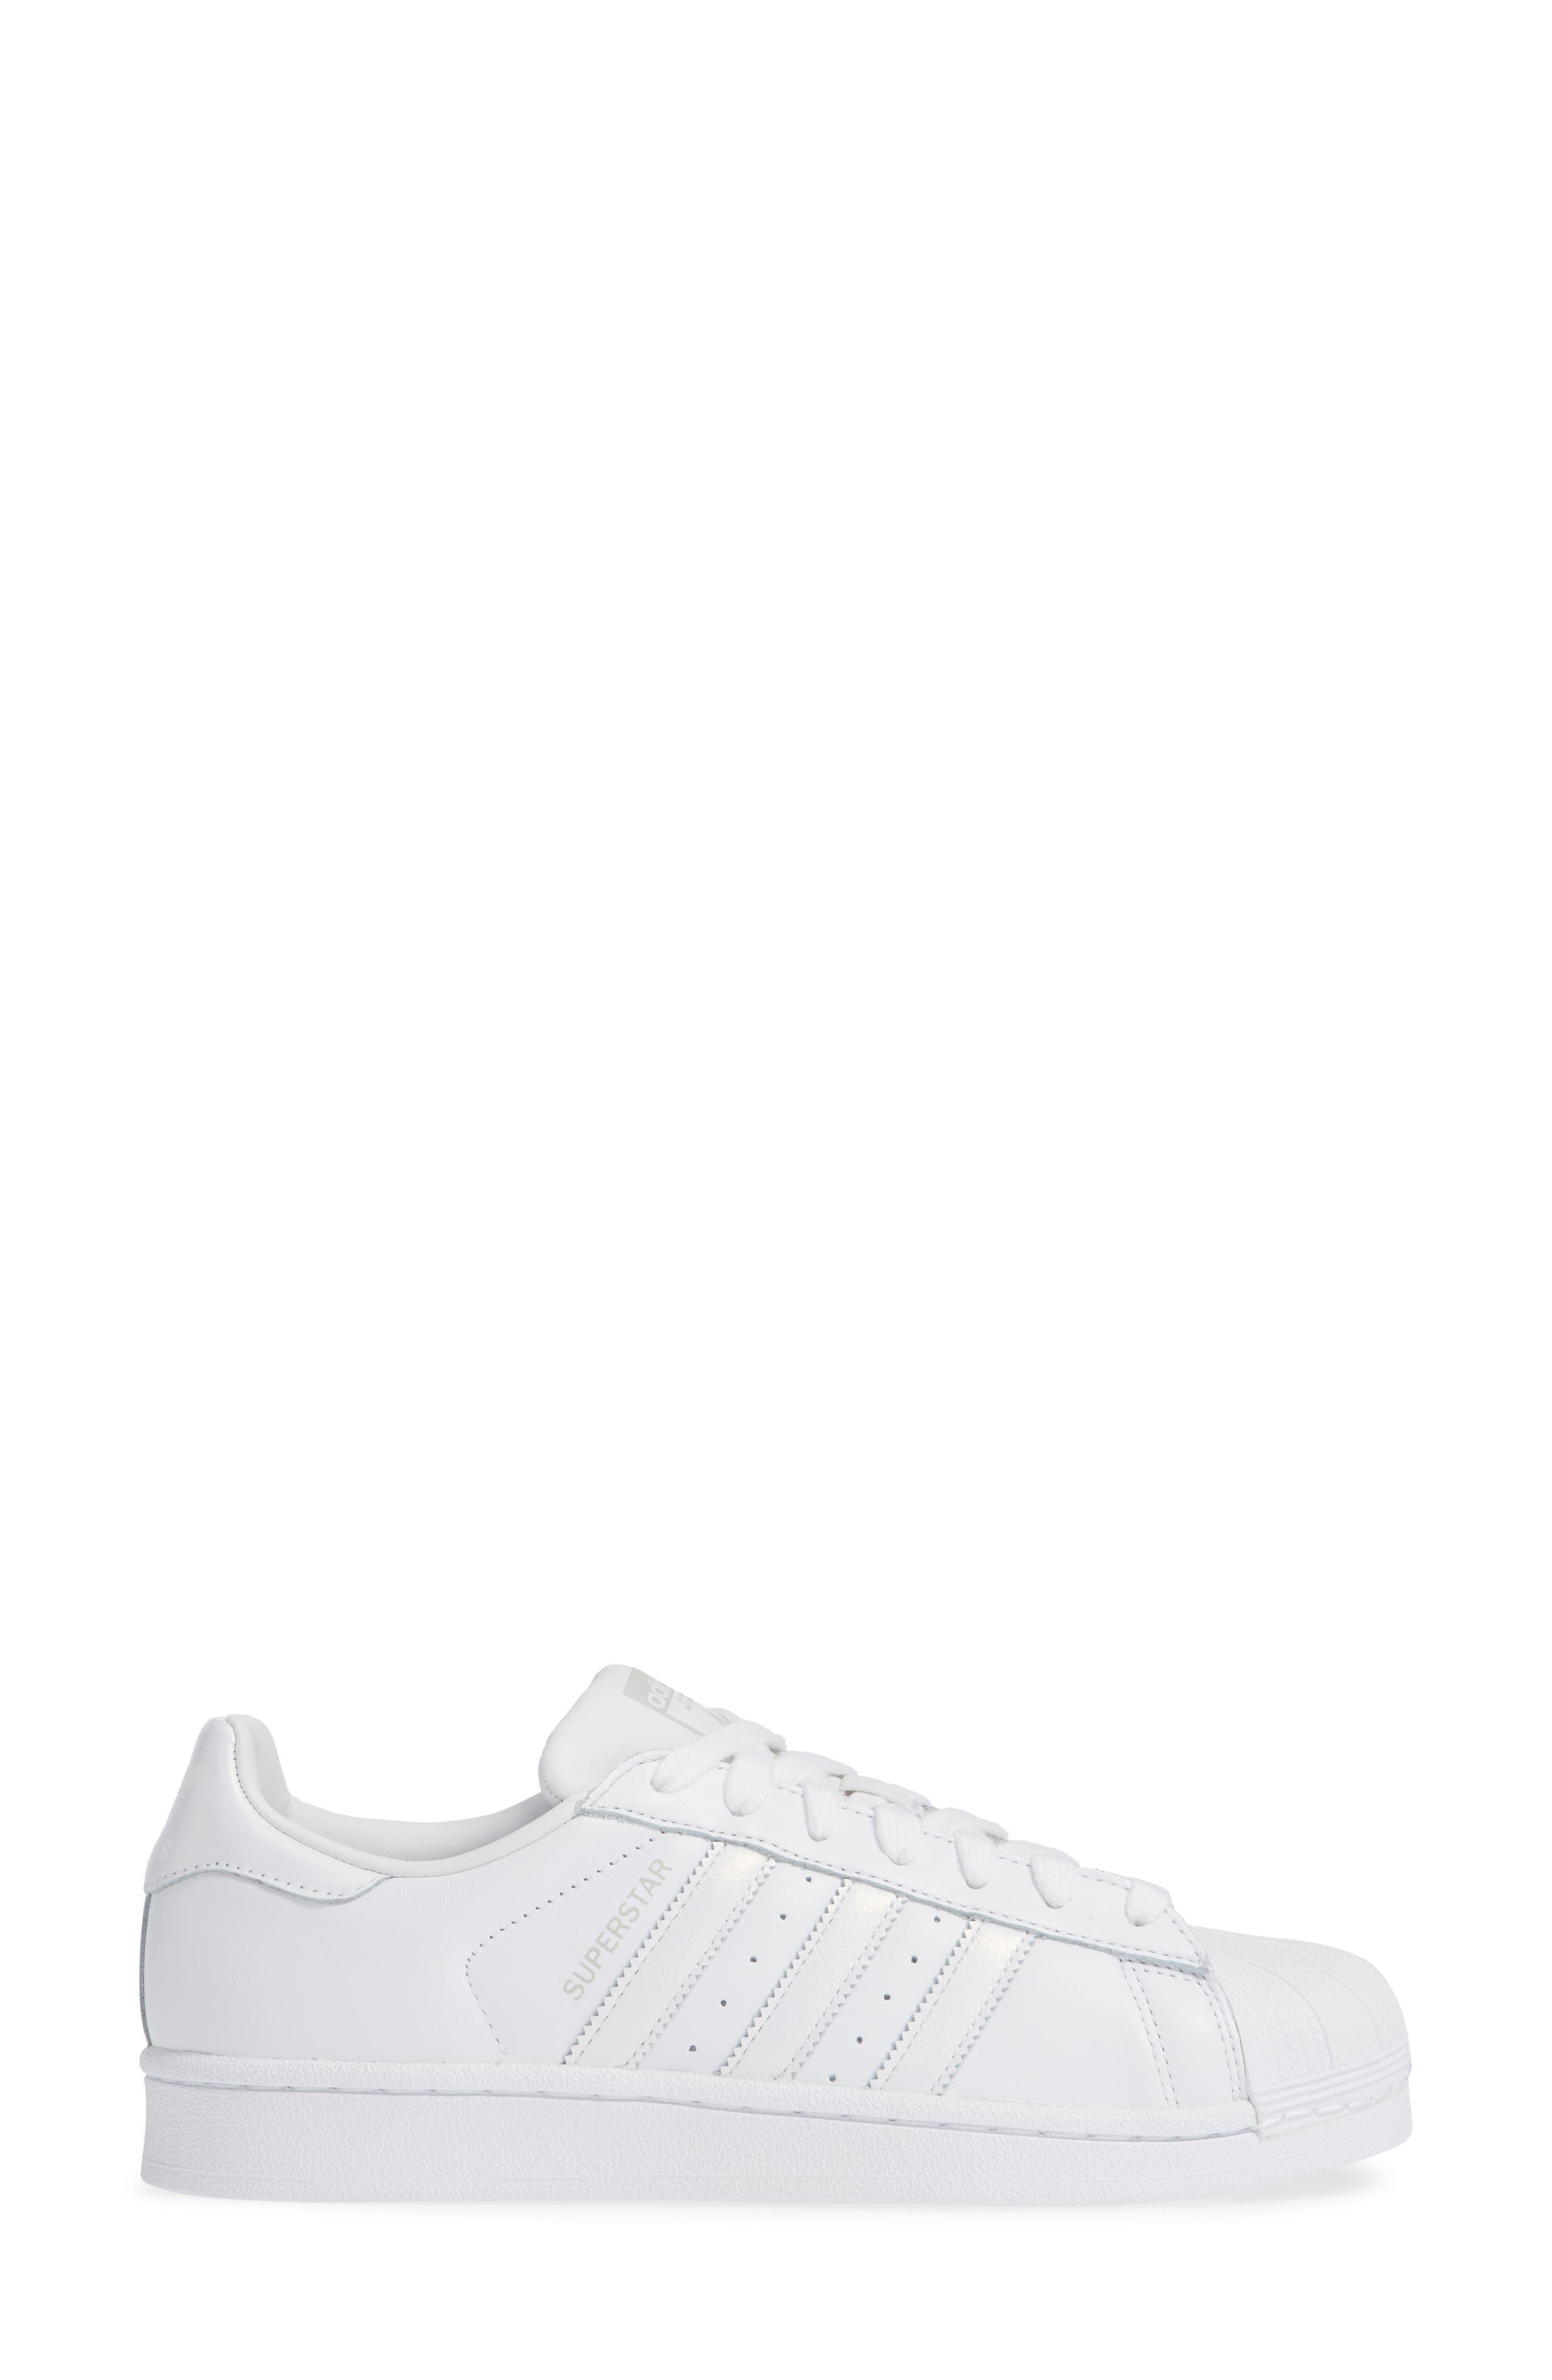 Superstar Sneaker,                             Alternate thumbnail 5, color,                             White/ White/ Grey One